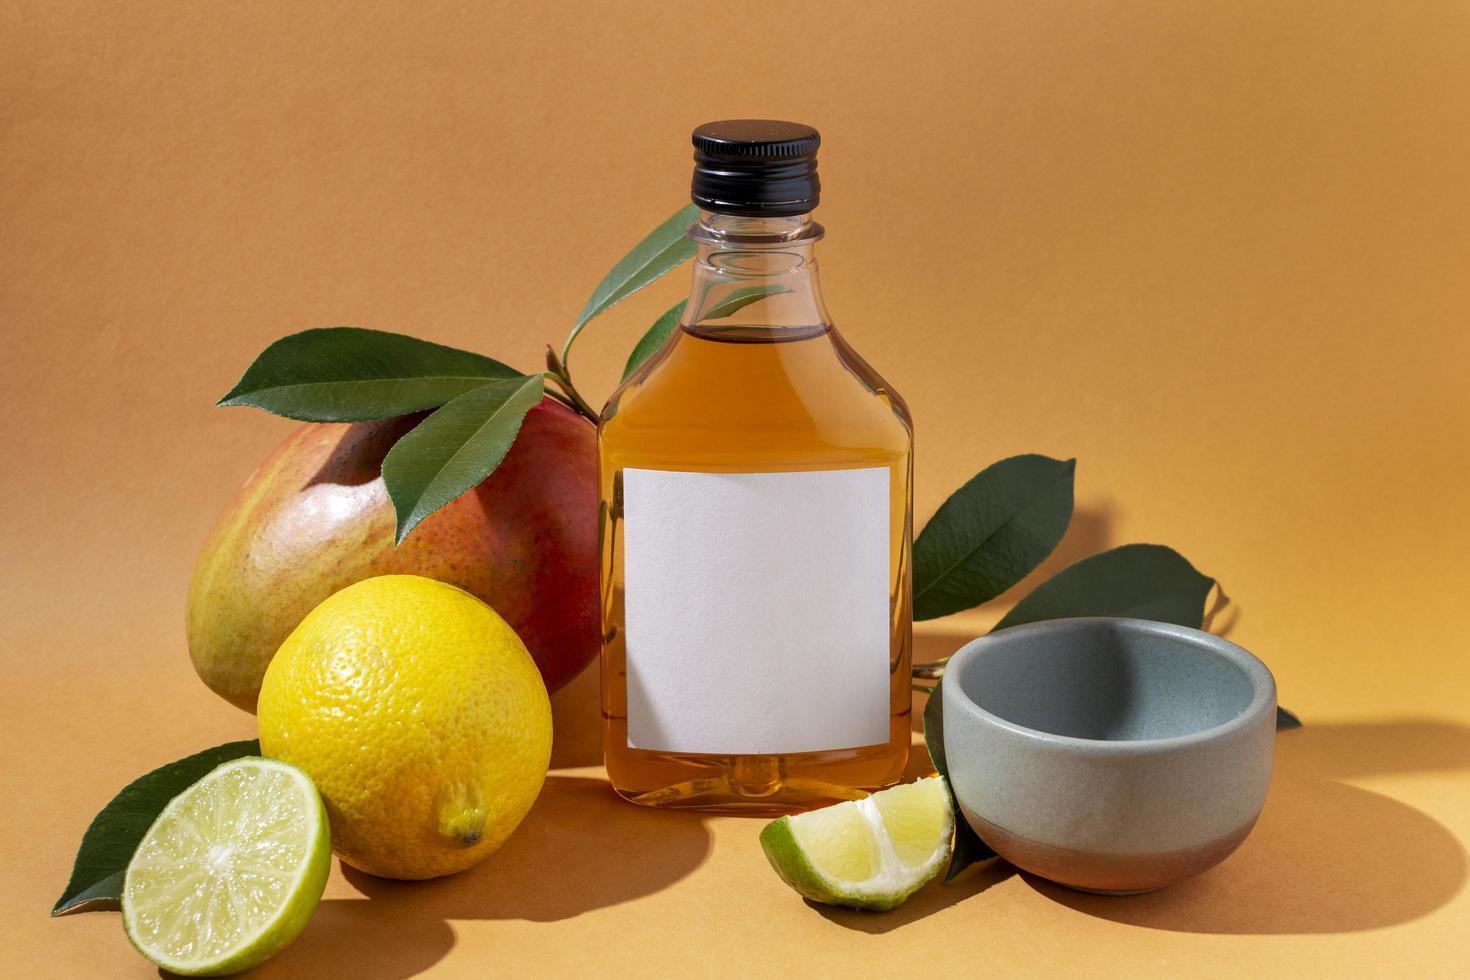 Tequila or mezcal bottle mockup photo